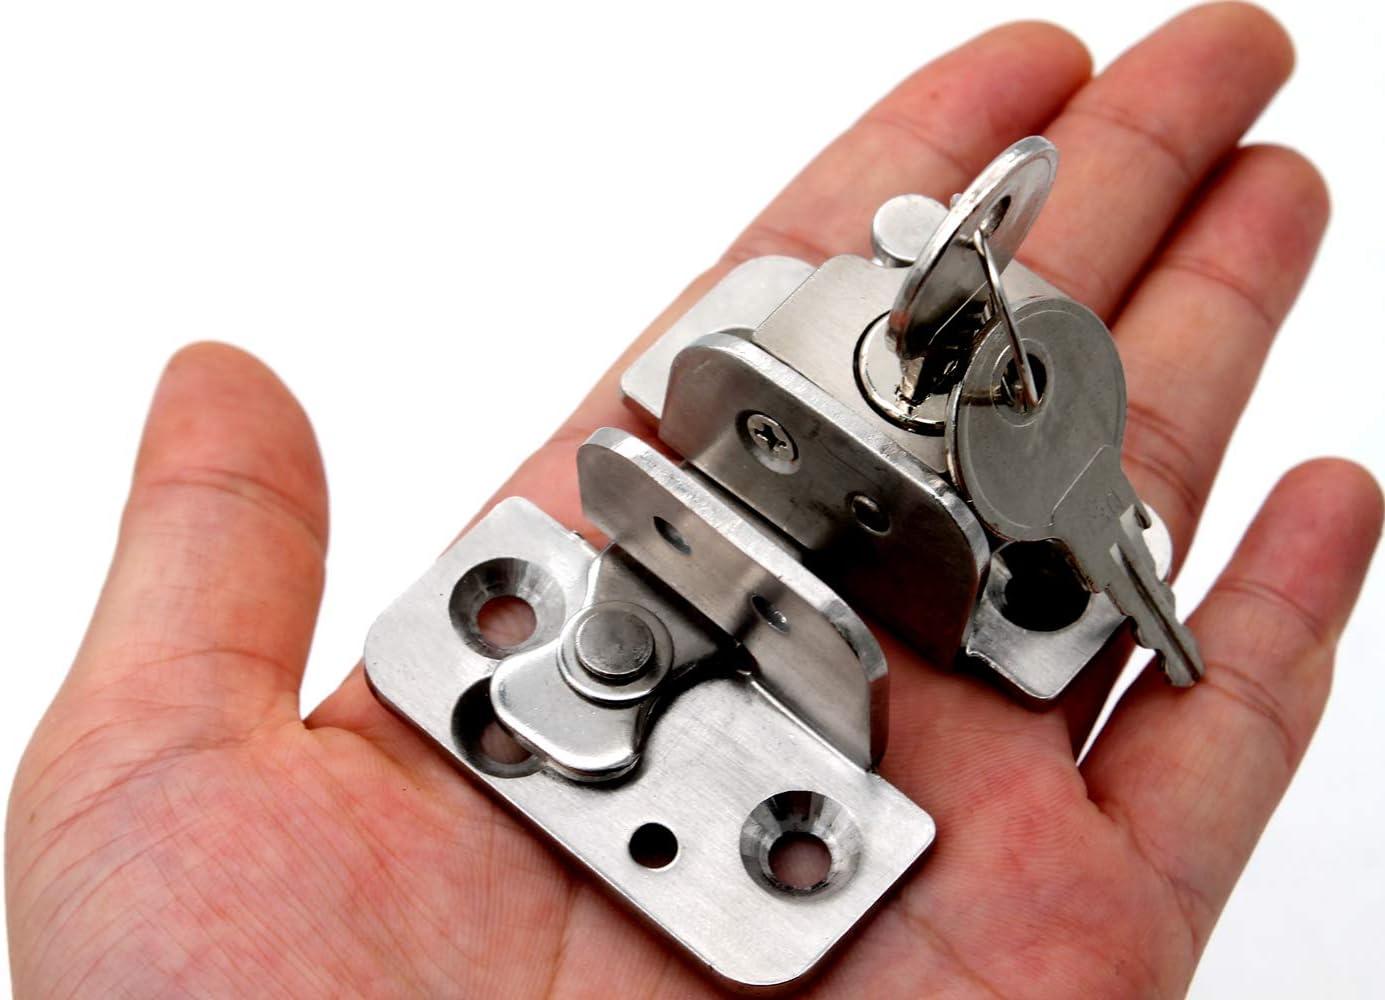 Con cerradura con llave, cerradura de privacidad de acero inoxidable resistente cerradura de seguridad